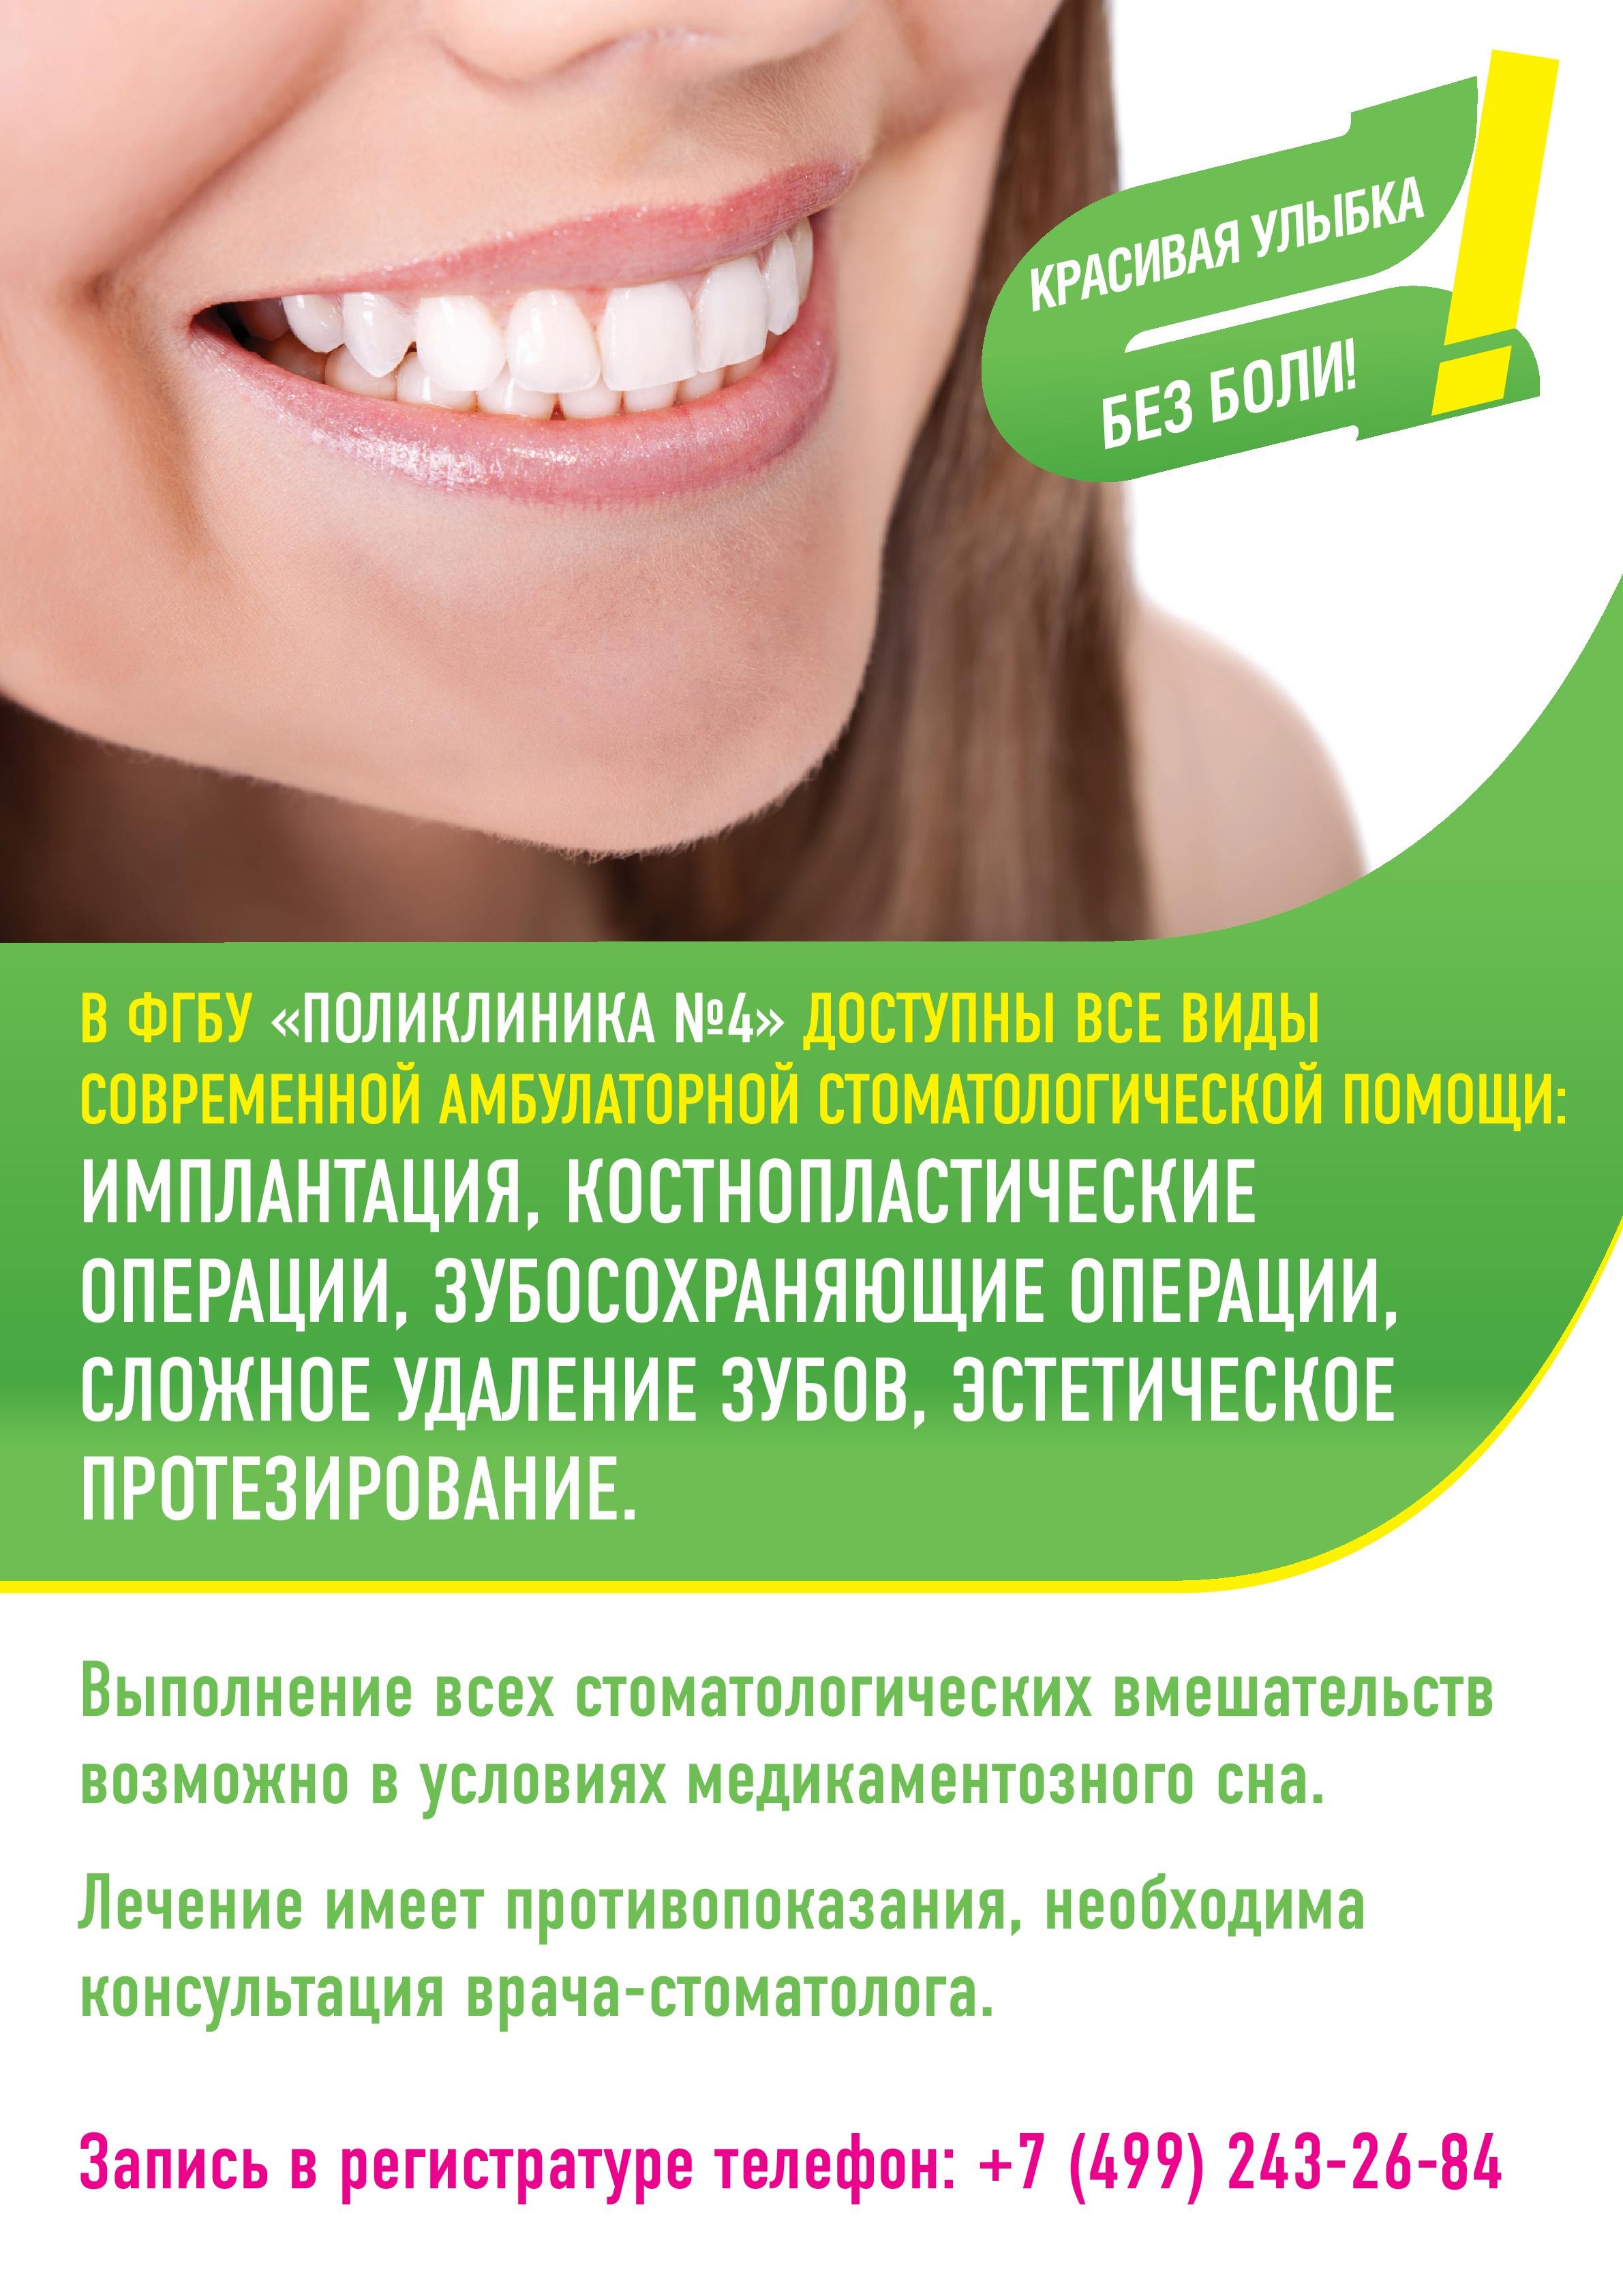 vzroslaya_stomatologiya.jpg